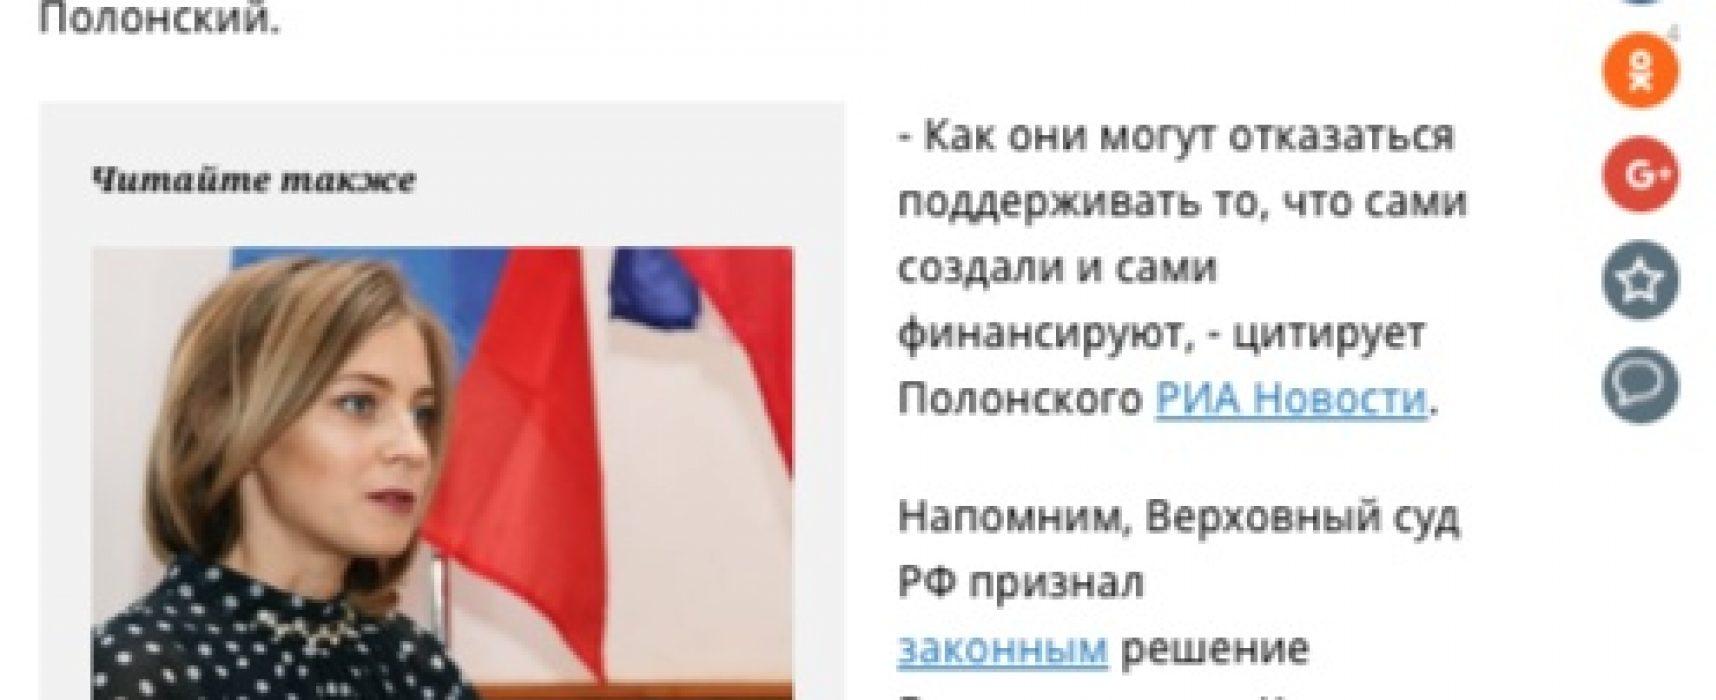 Фейк: Кримският Меджлис е създаден от американския Държавен департамент